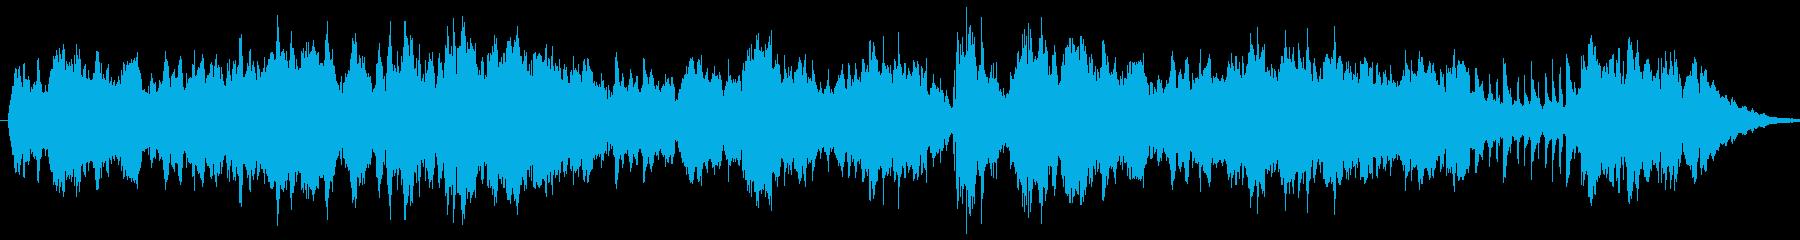 キラキラと輝く音色のメロディーの再生済みの波形